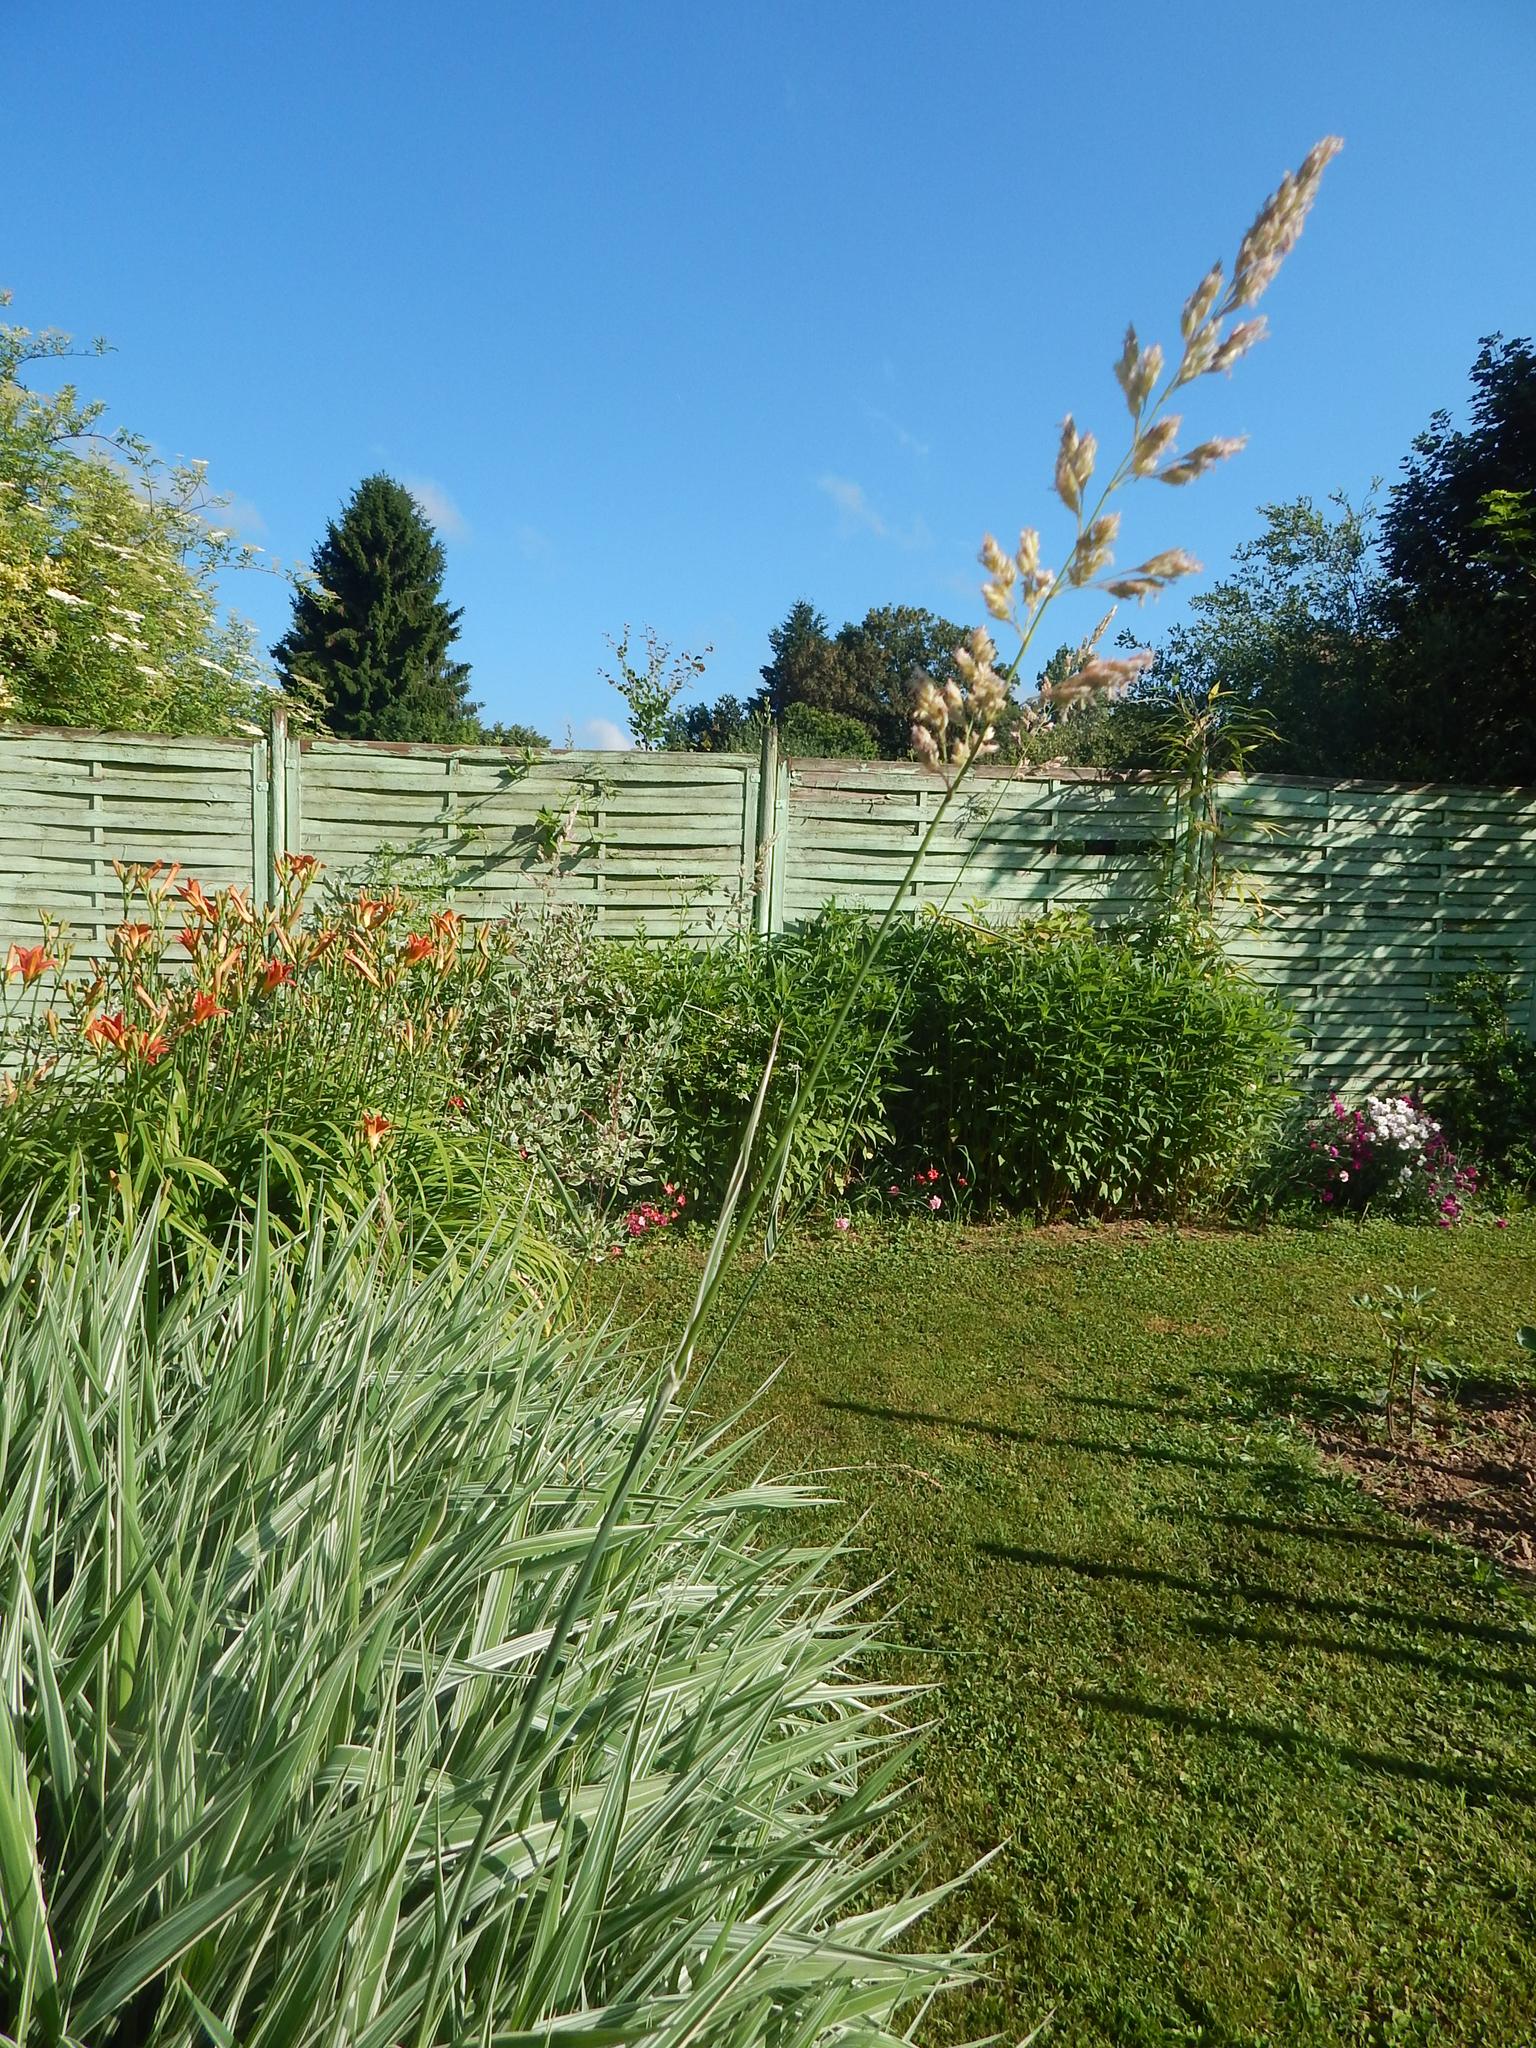 A propos du phalaris les jardins de la cat 39 s house for A propos du jardin